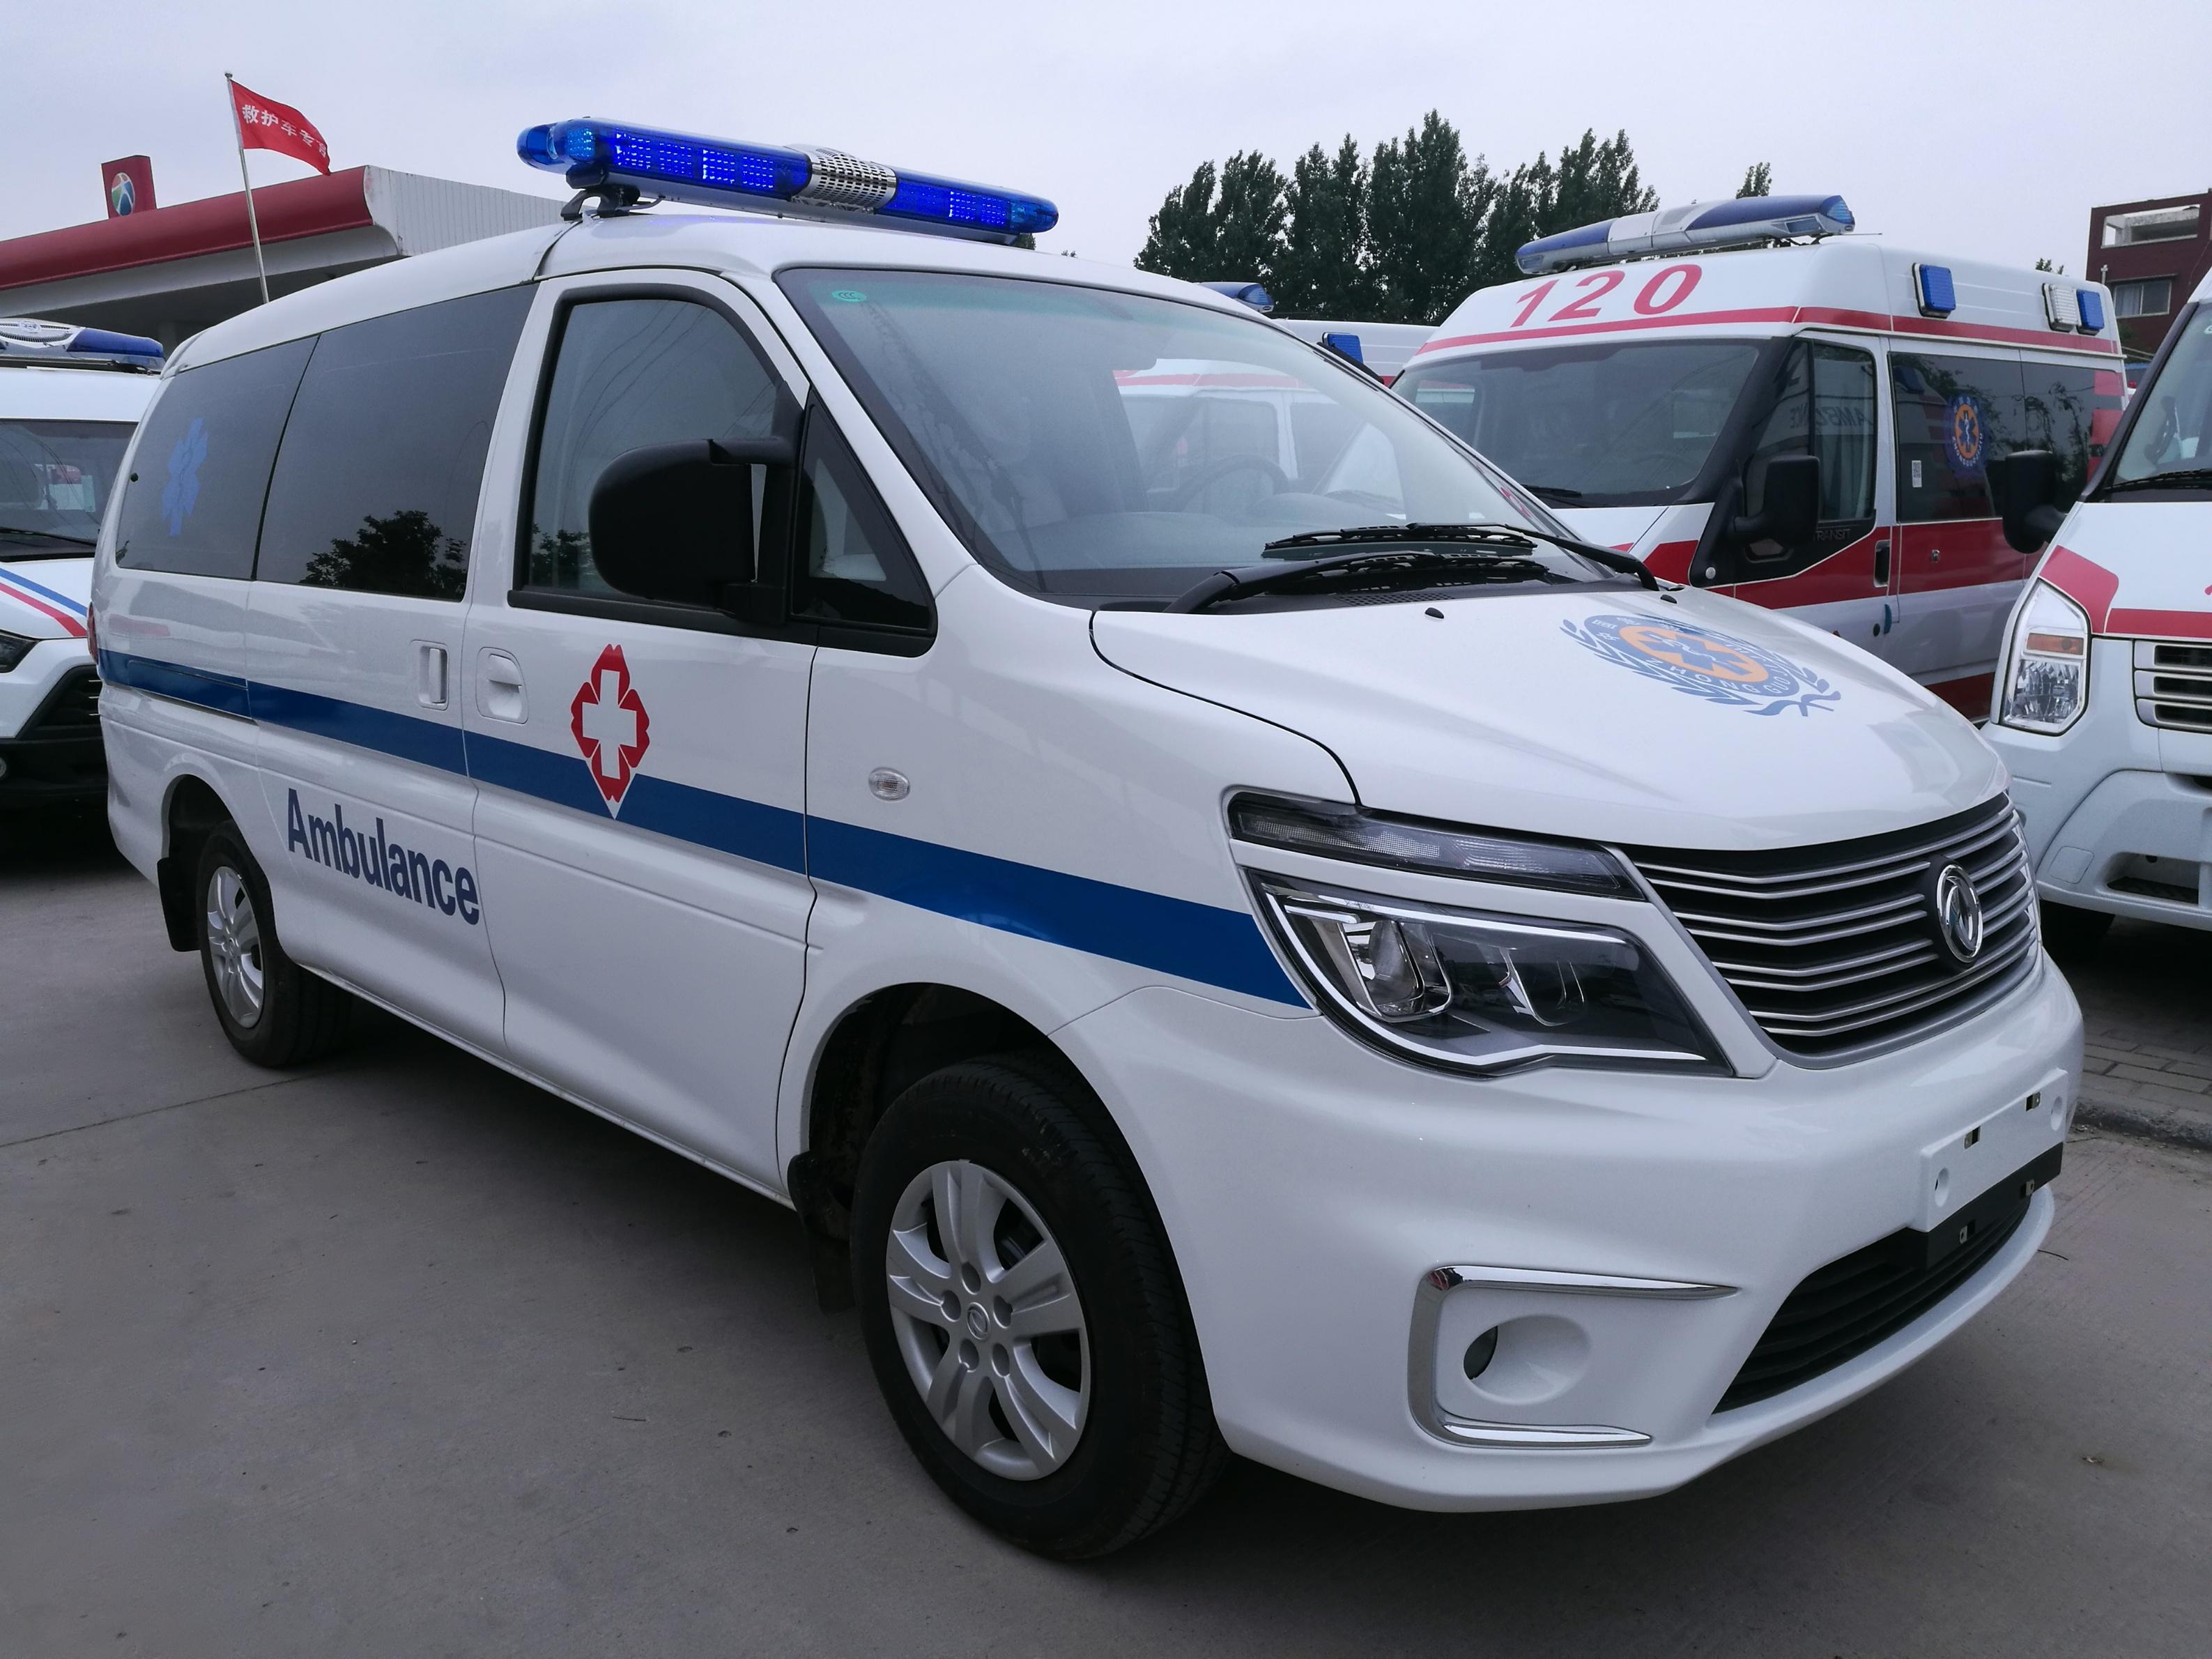 锦州厦门金龙救护车性能强劲